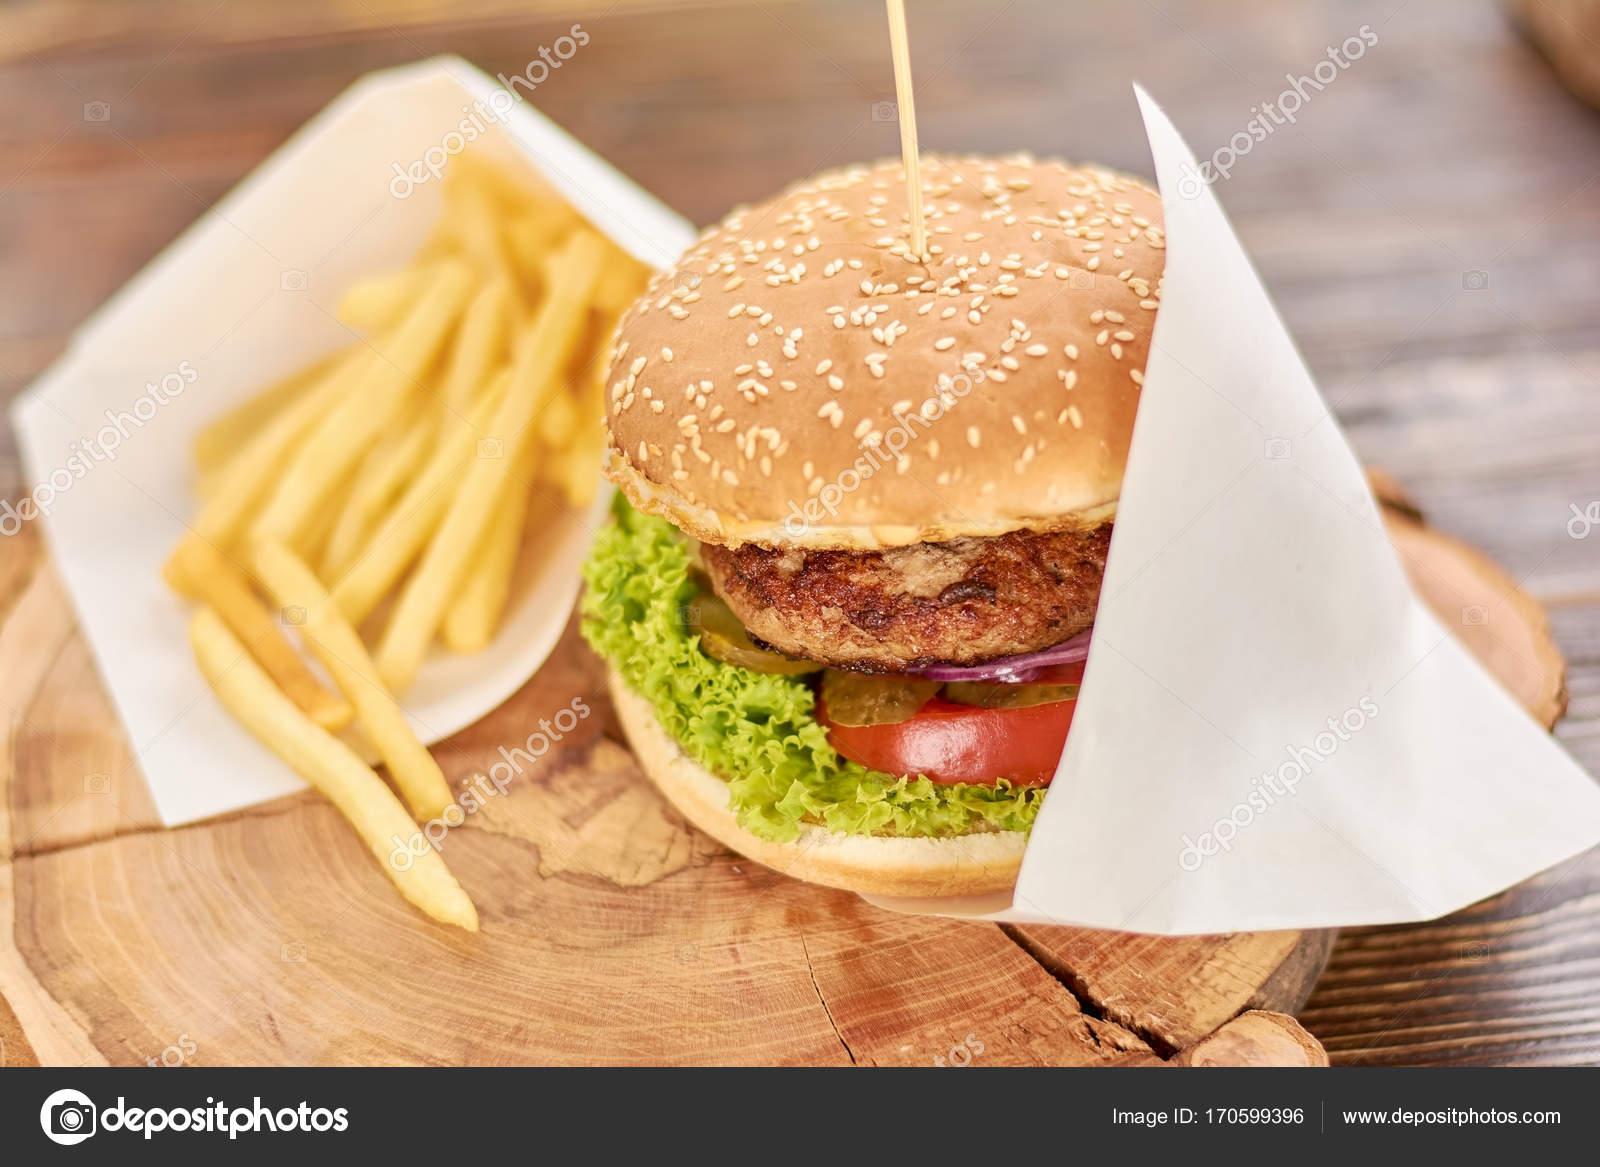 Burger Mit Pommes Frites Auf Holz Stockfoto C Denisfilm 170599396